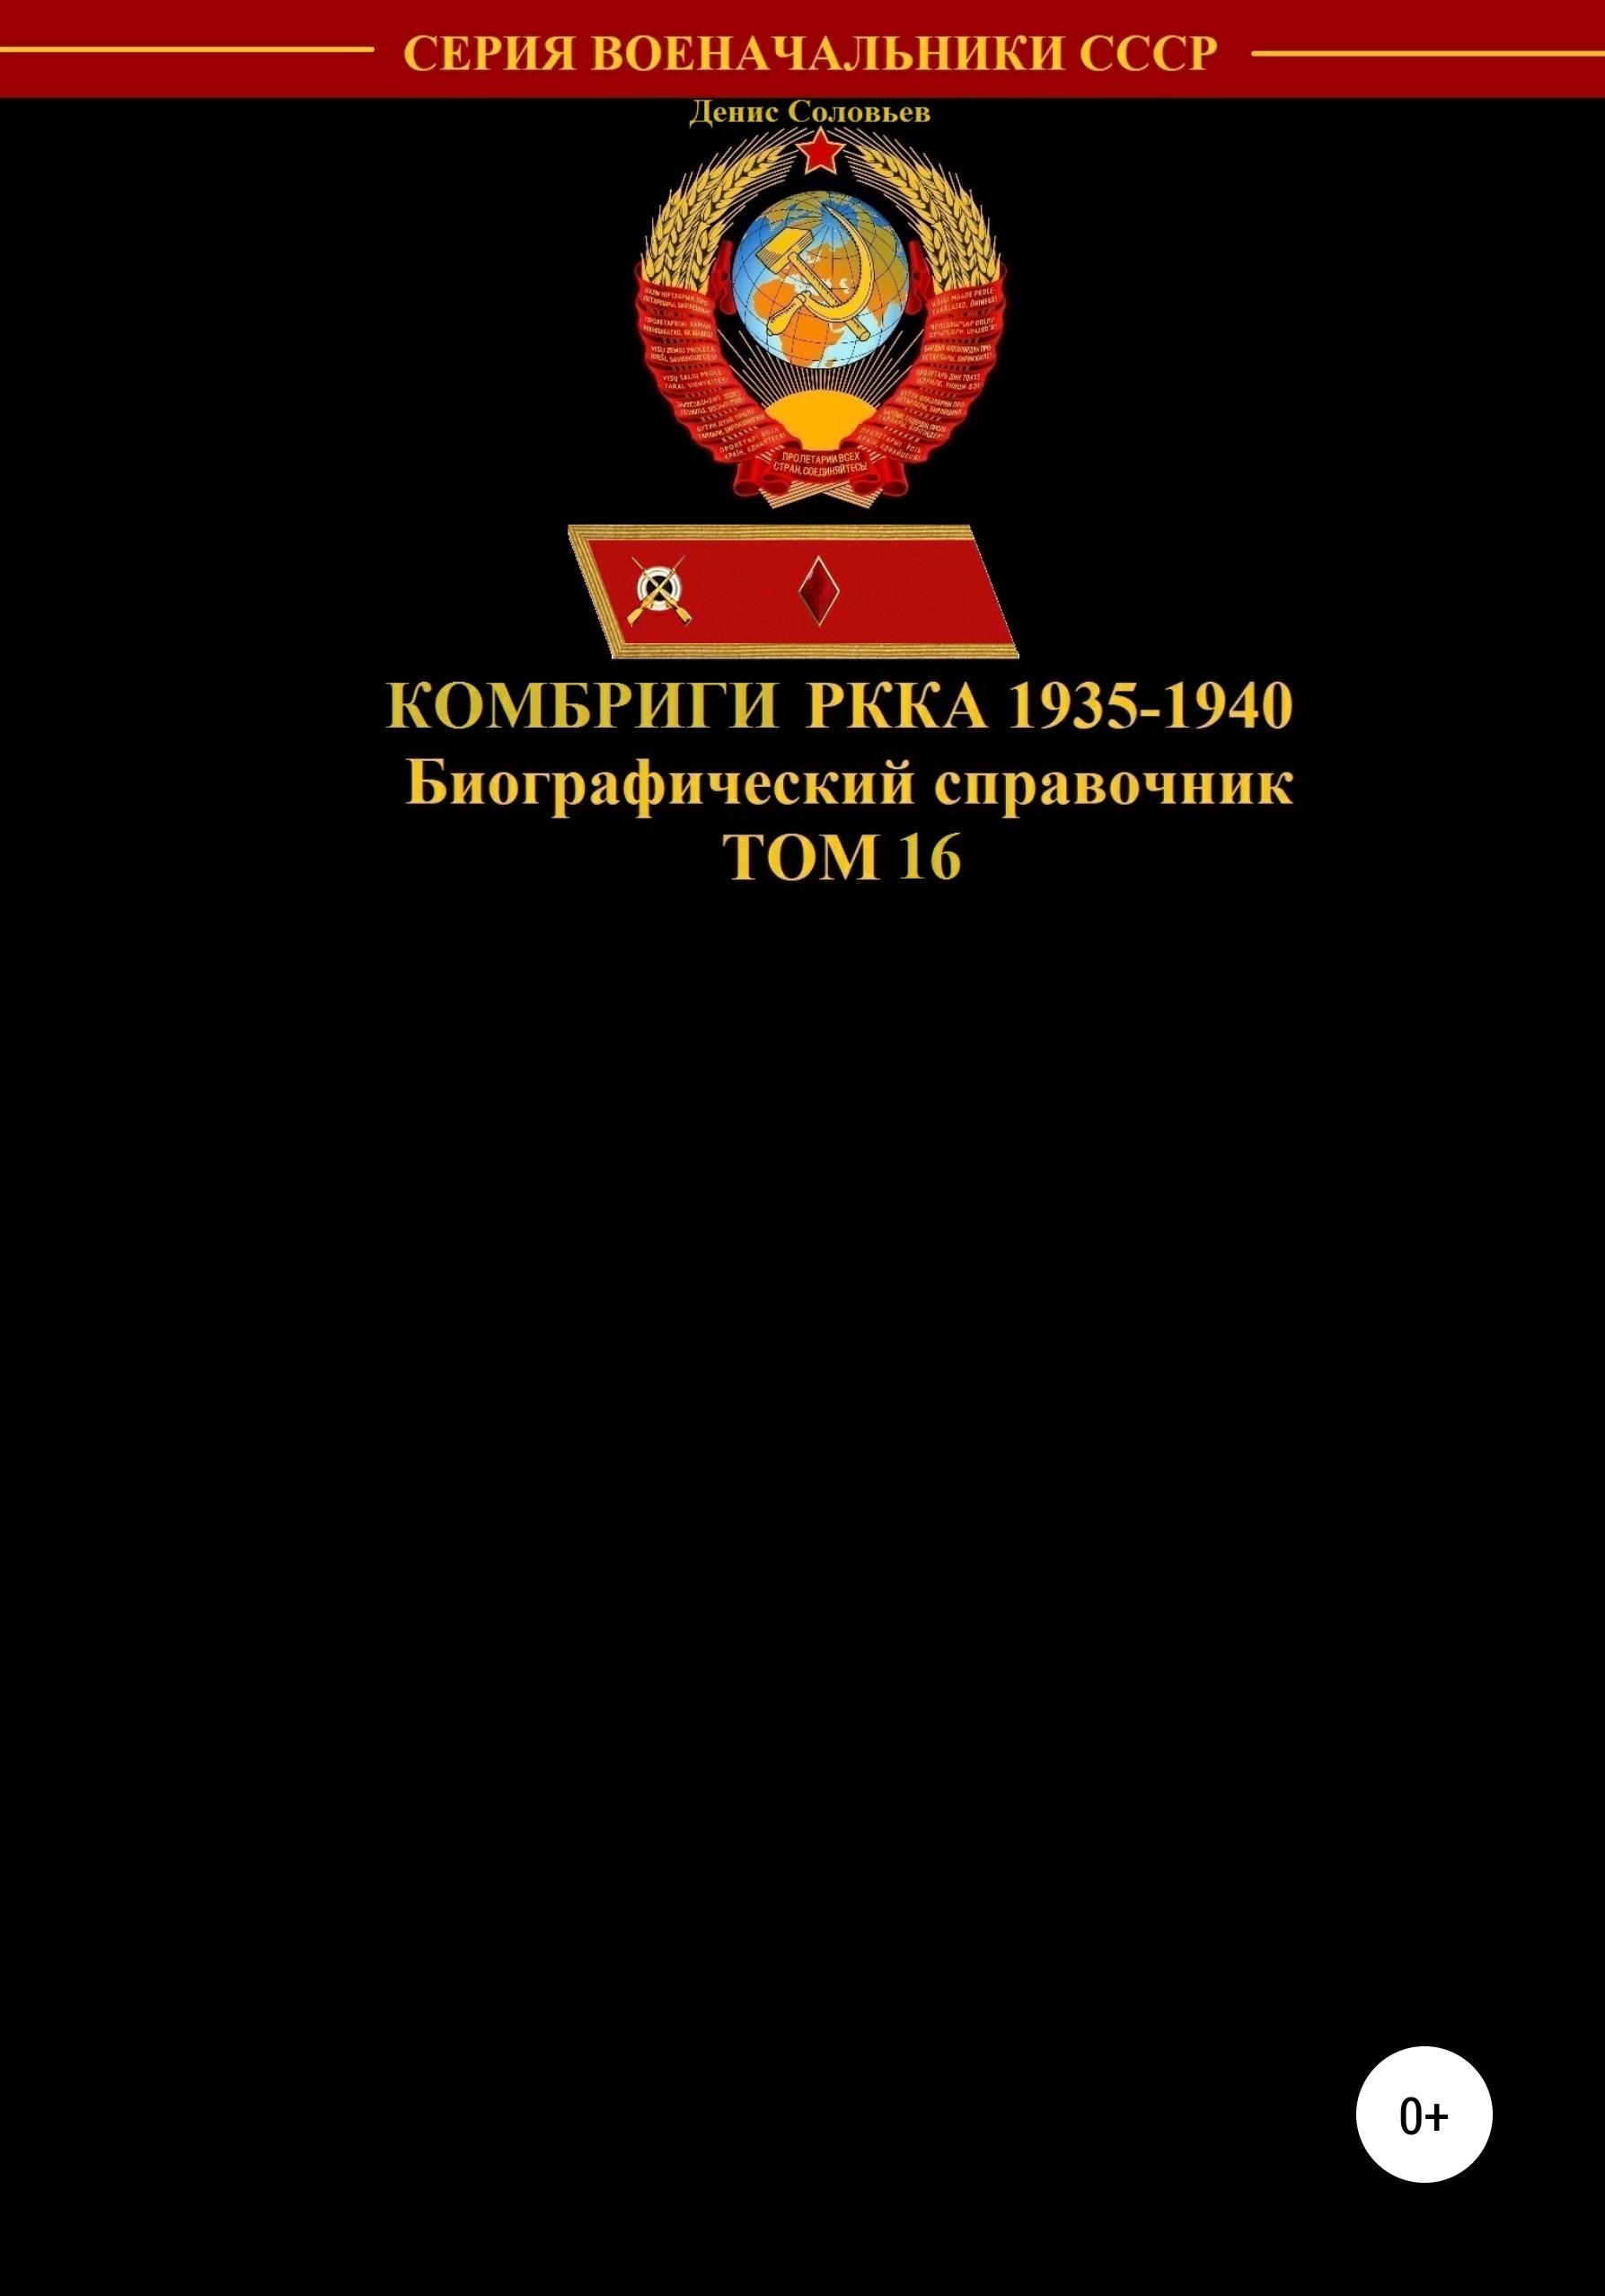 Купить книгу Комбриги РККА 1935-1940. Том 16, автора Дениса Юрьевича Соловьева